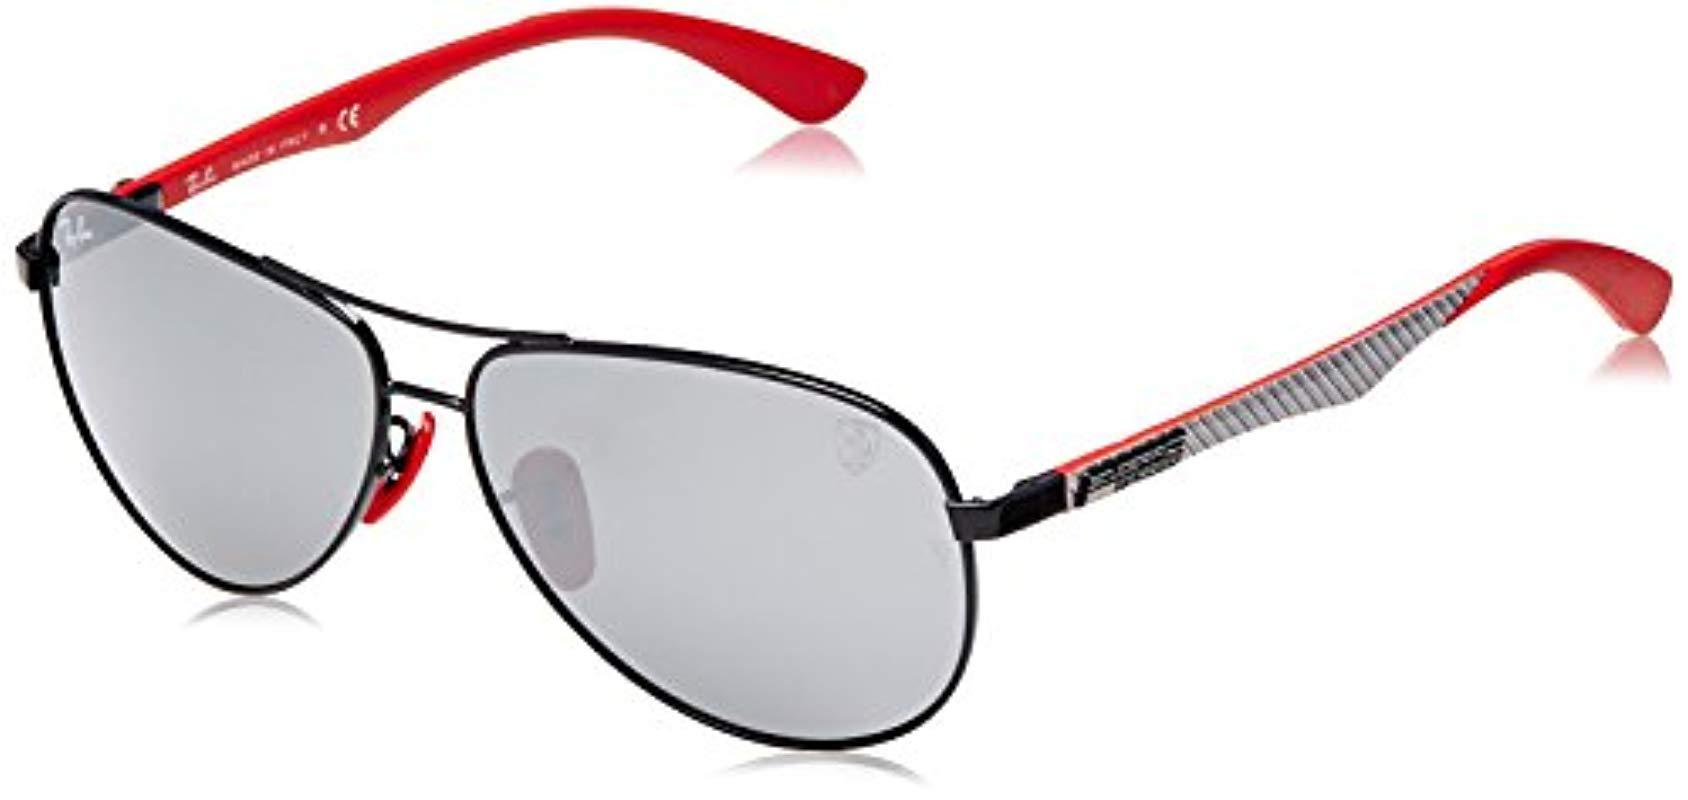 df86a21c25 Ray-Ban. Men s Black Rb8313m Scuderia Ferrari Collection Polarized  Sunglasses